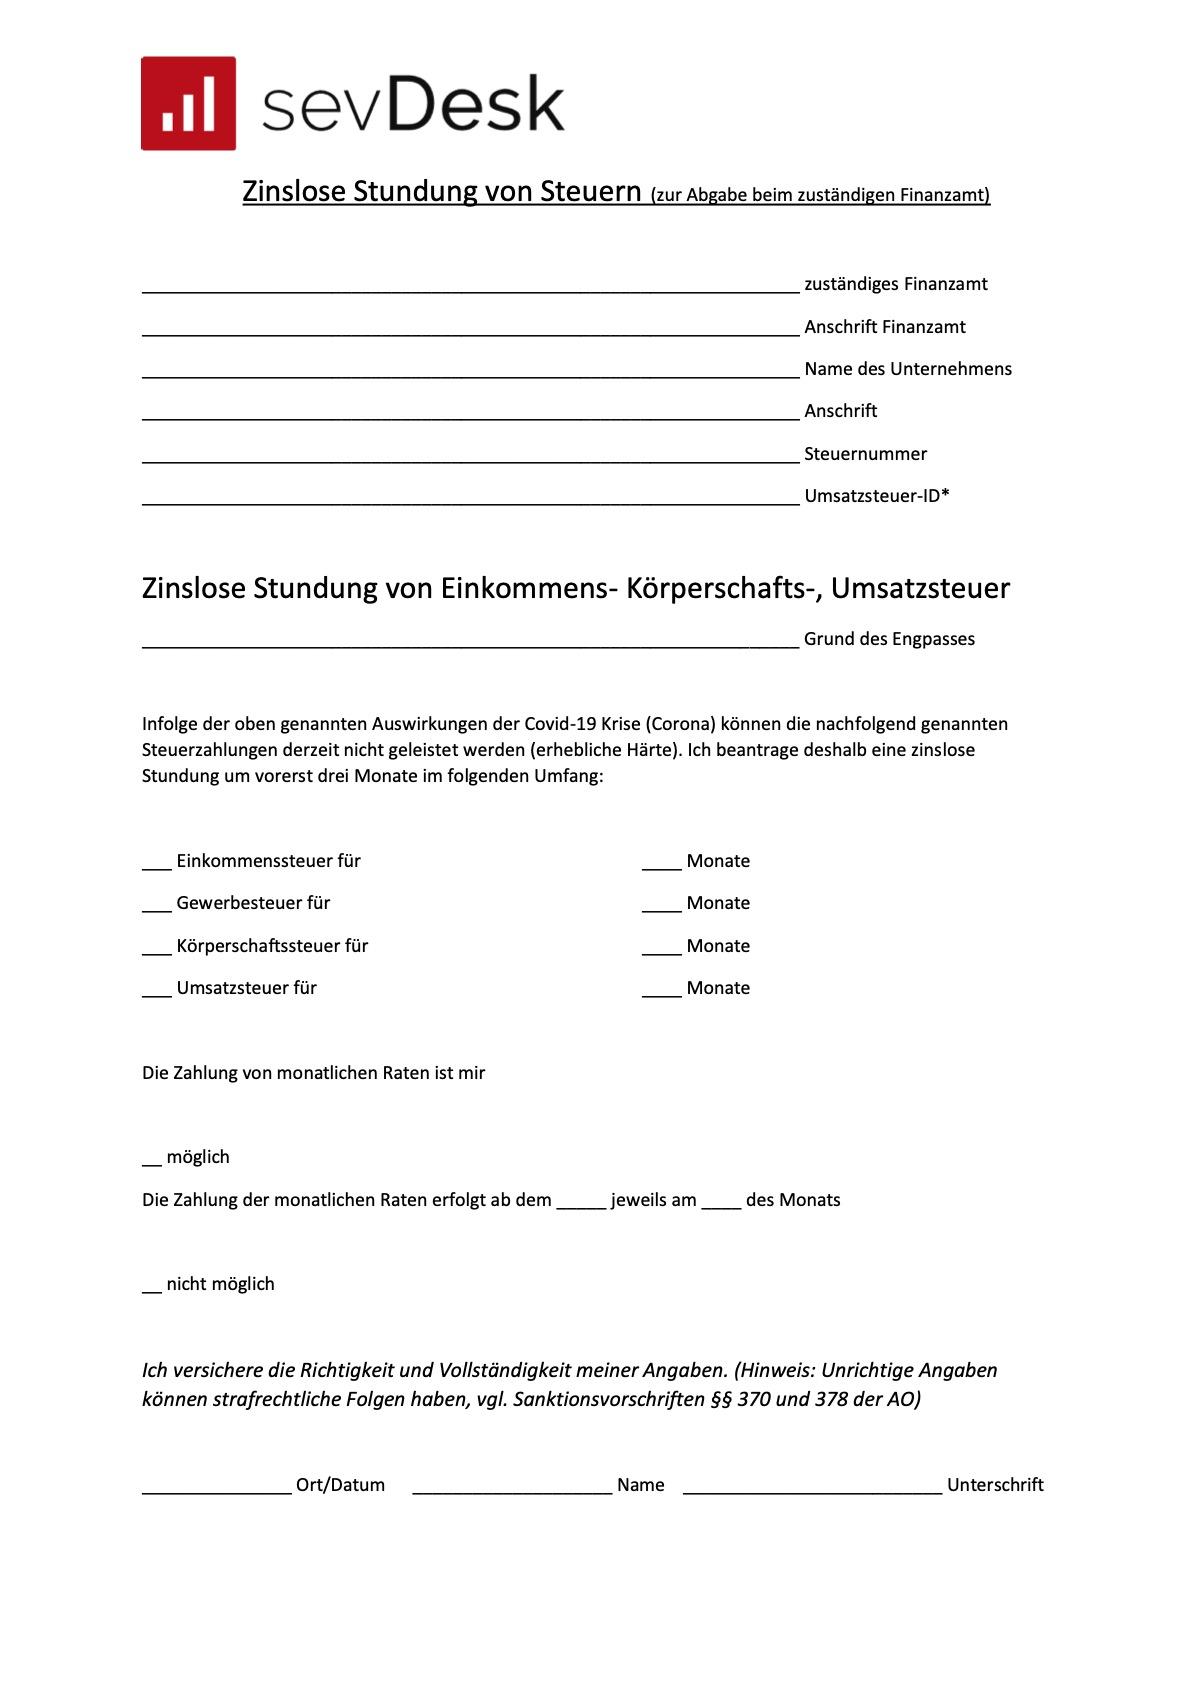 forumular-zinslose-stundung-von-einkommensteuer-koerperschaftssteuer-umsatzsteuer